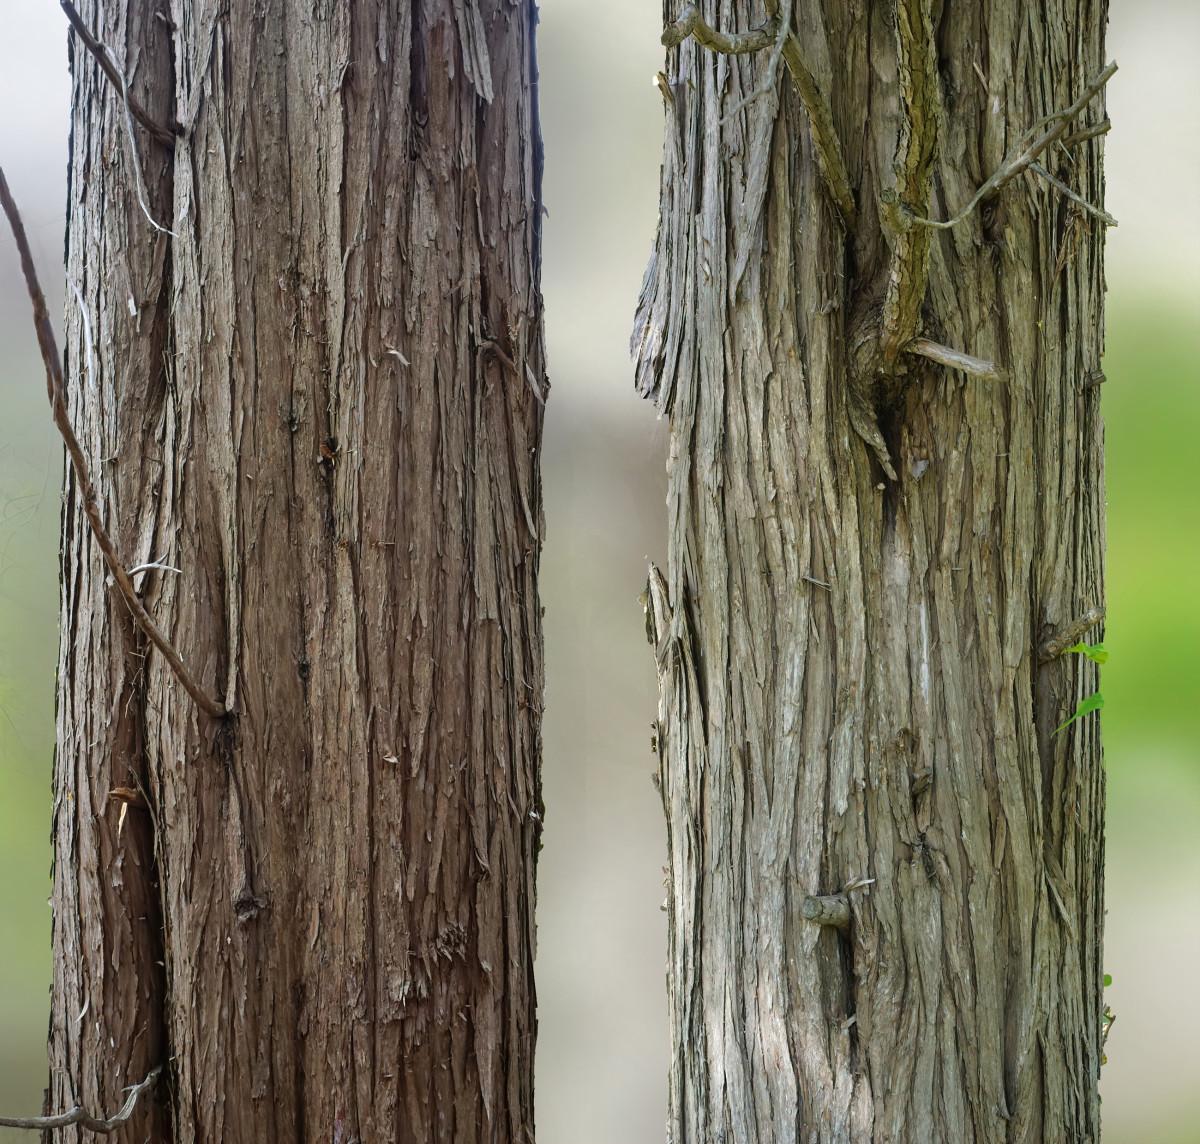 EASTER RED CEDAR TREE BARK